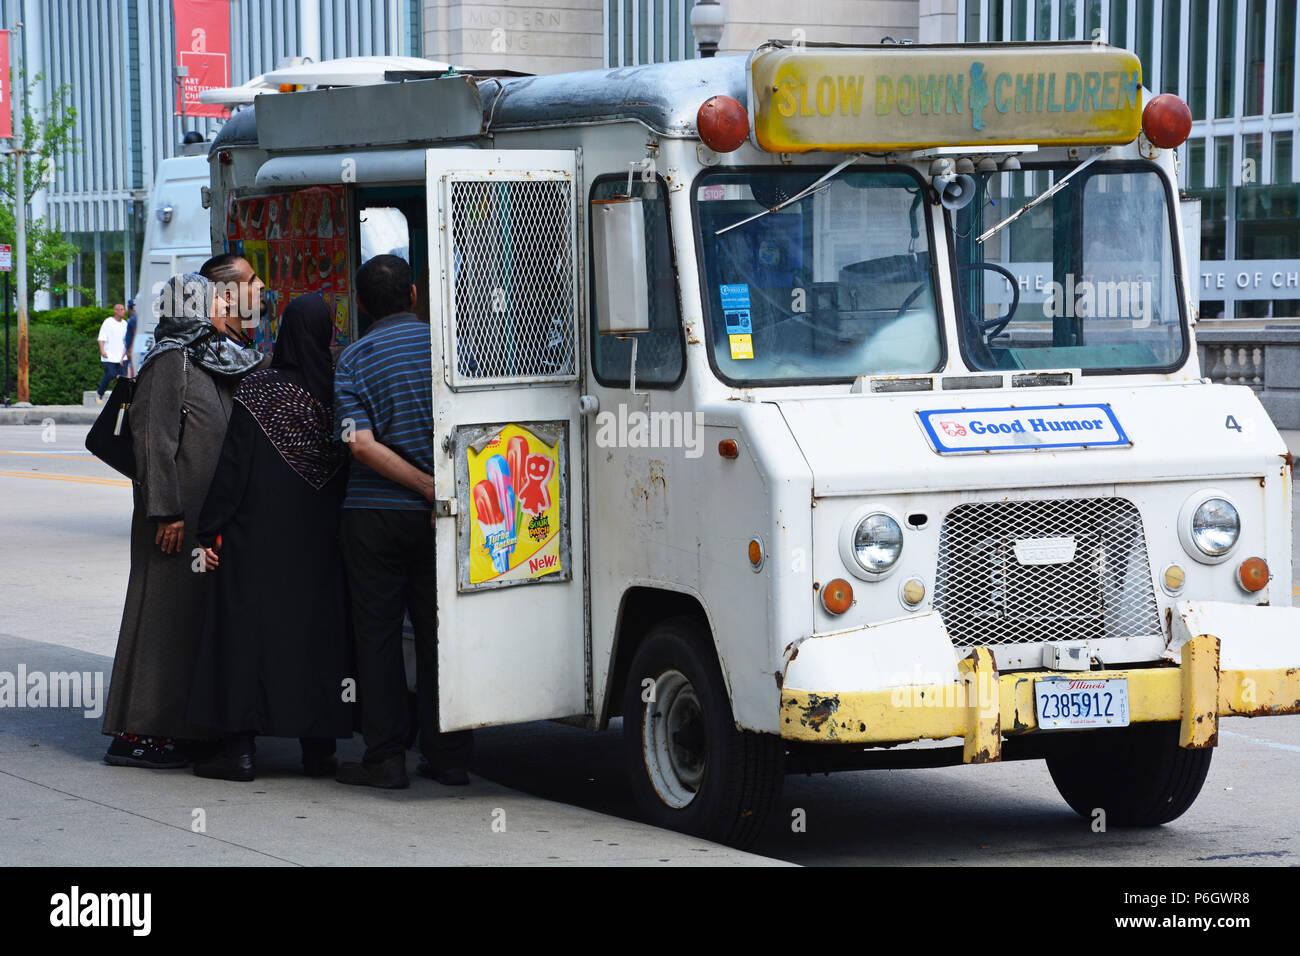 Una familia compra helados de buen humor vintage carretilla junto al Parque del Milenio de Chicago. Imagen De Stock